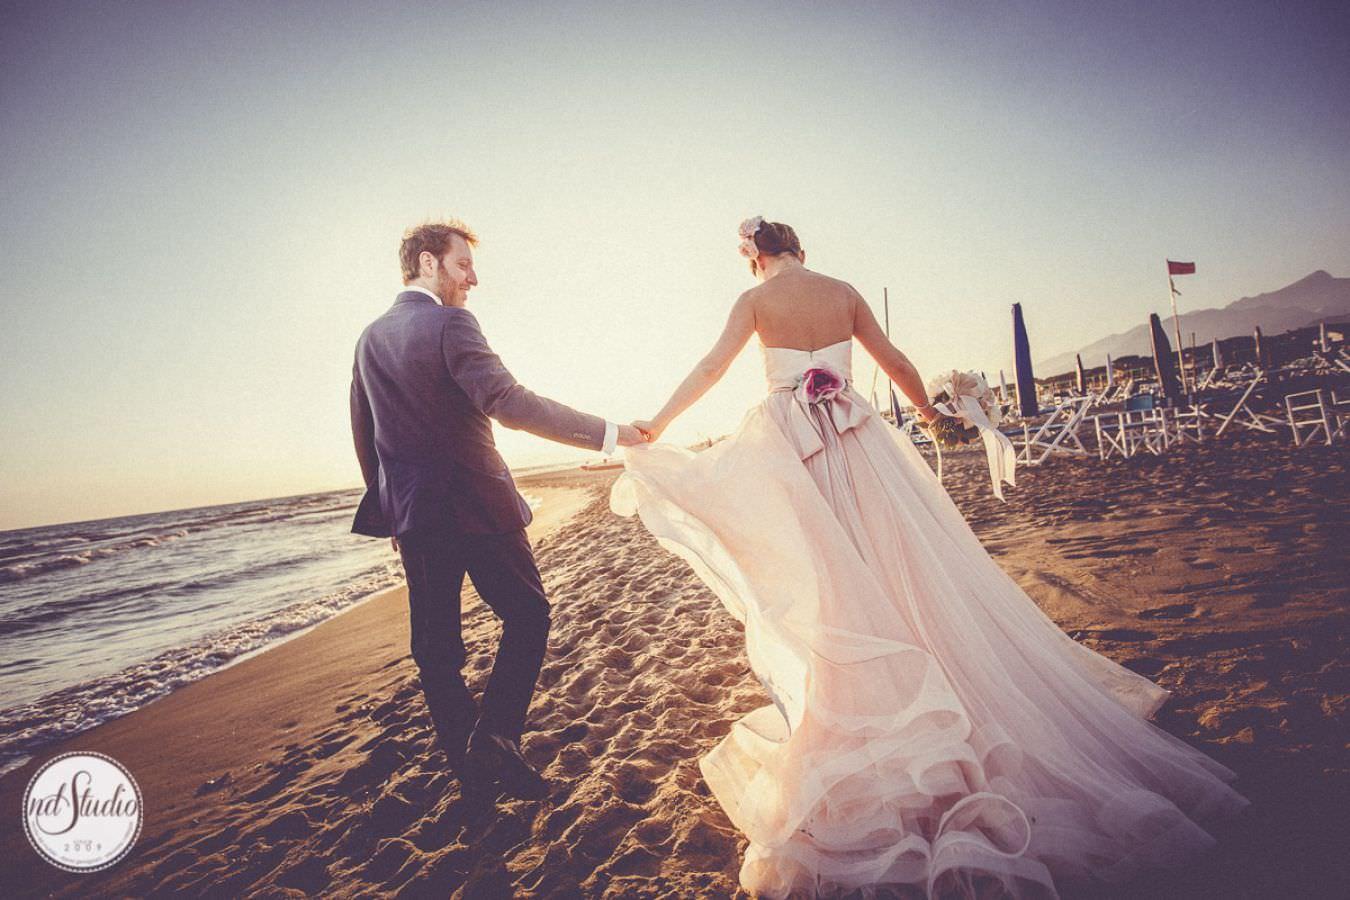 Matrimonio In Spiaggia Forte Dei Marmi : Matrimonio in spiaggia a forte dei marmi versilia